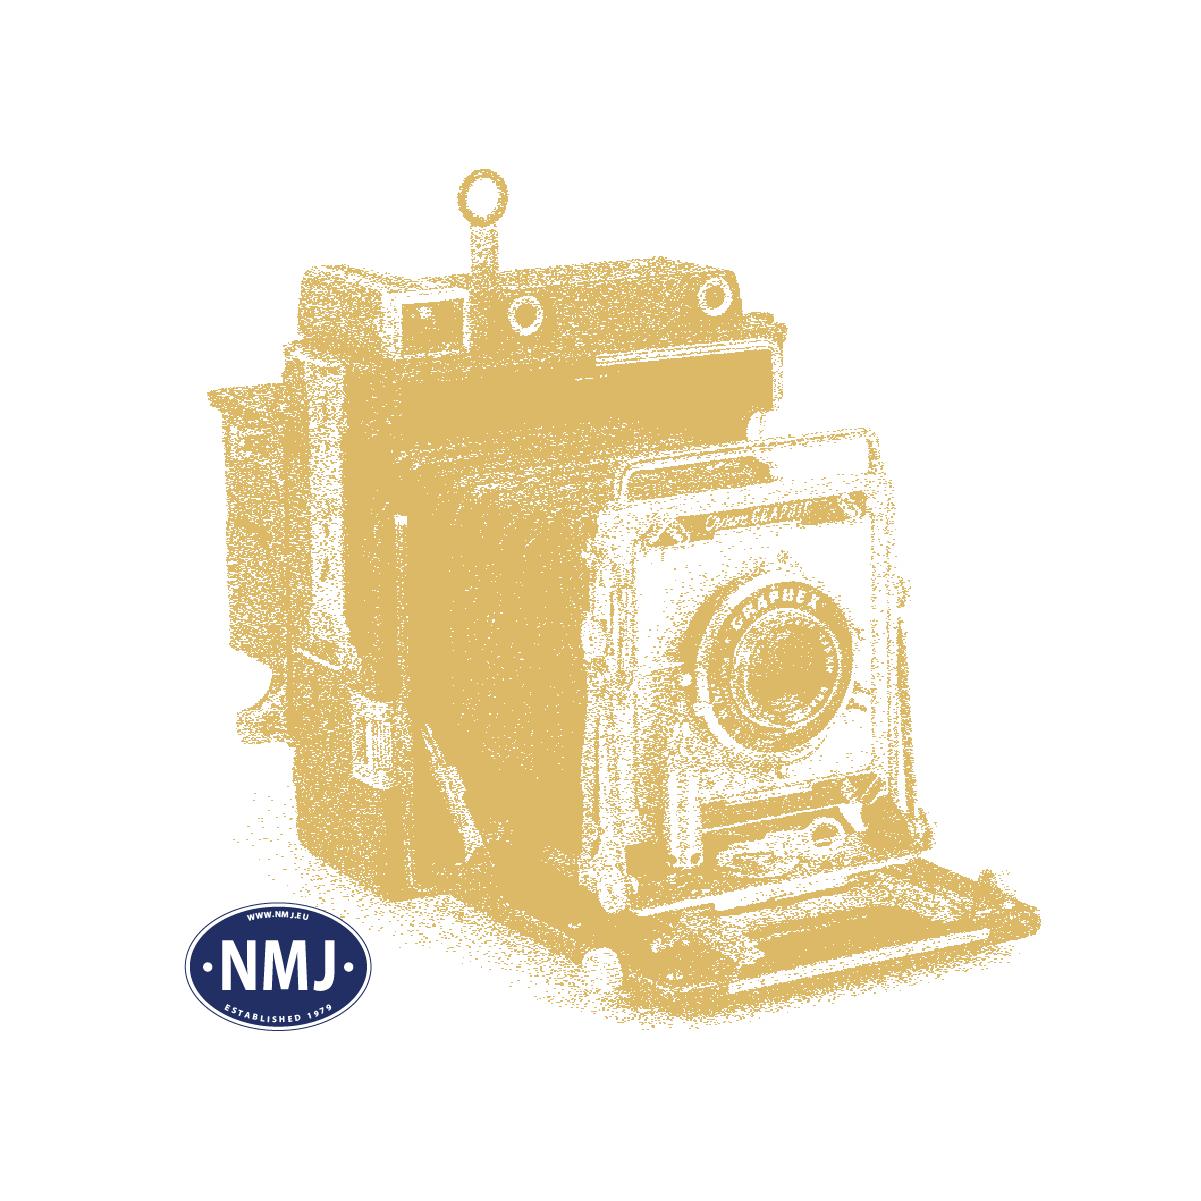 NMJT205.001 - NMJ Topline SJ Bo5 4757, 2 kl. Personvogn, rund SJ logo, original version før 1970